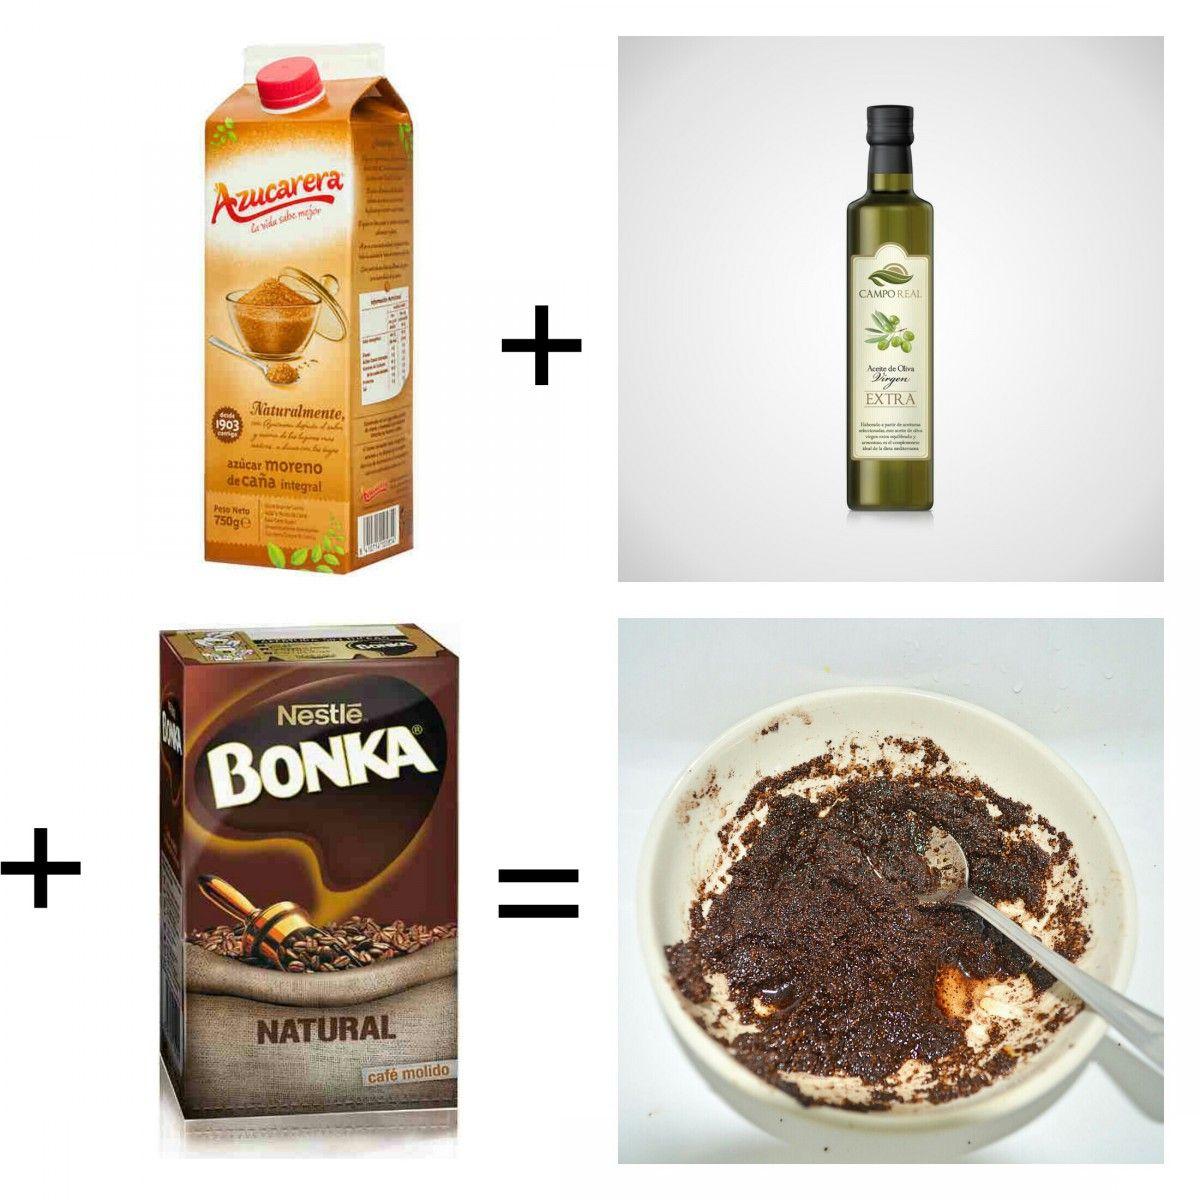 exfoliante casero de café, productos necesarios: azucar moreno, aceite de oliva extra y cafe molido natural